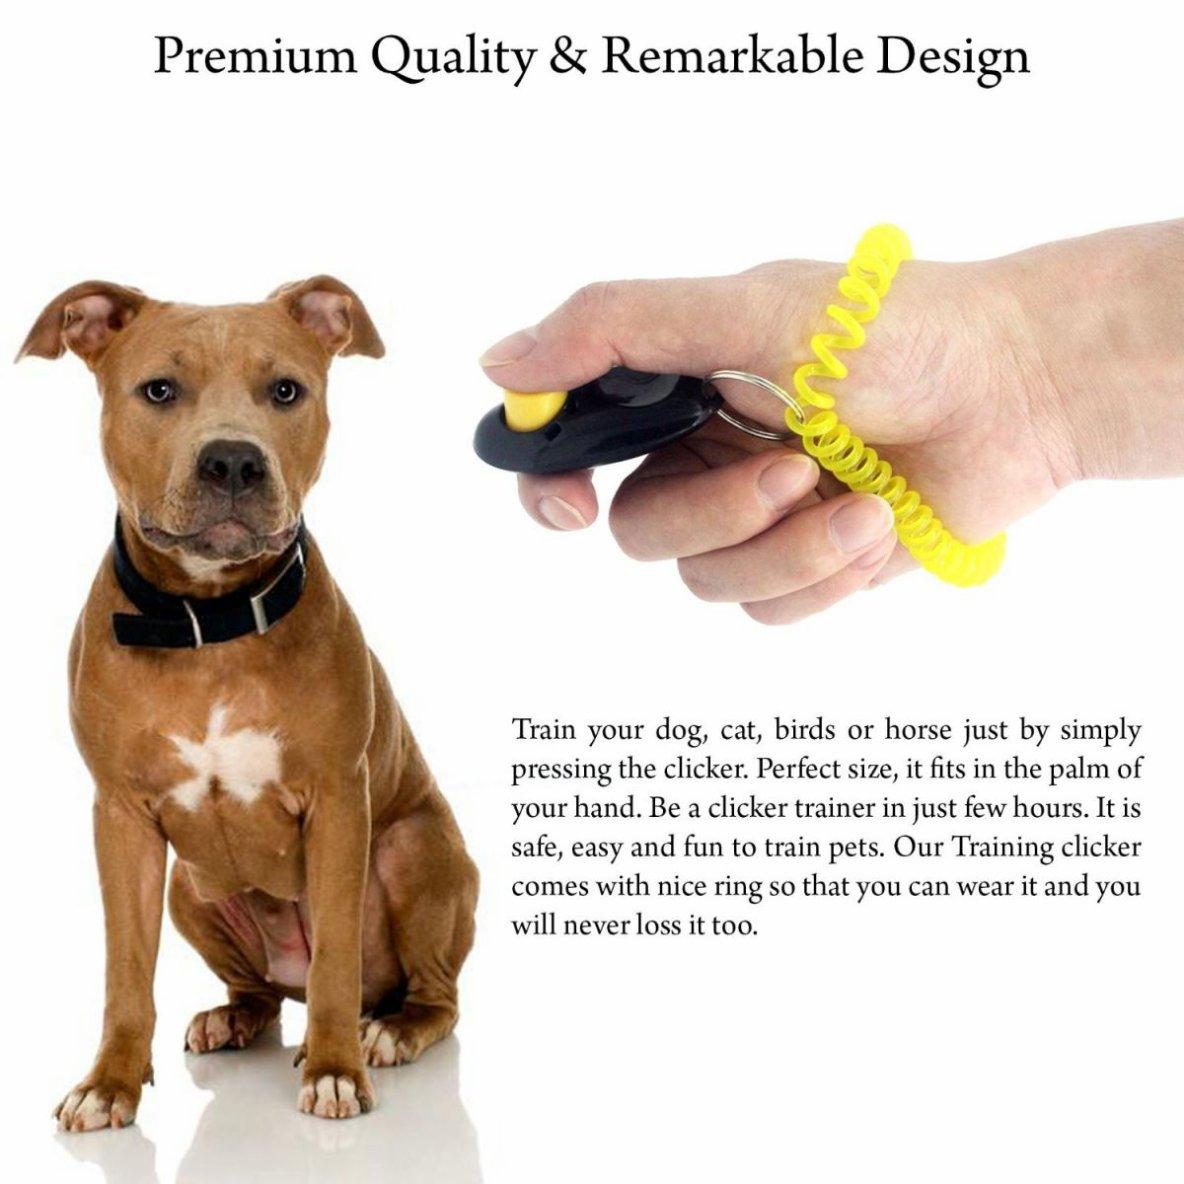 Pet's Mum Dog training Products